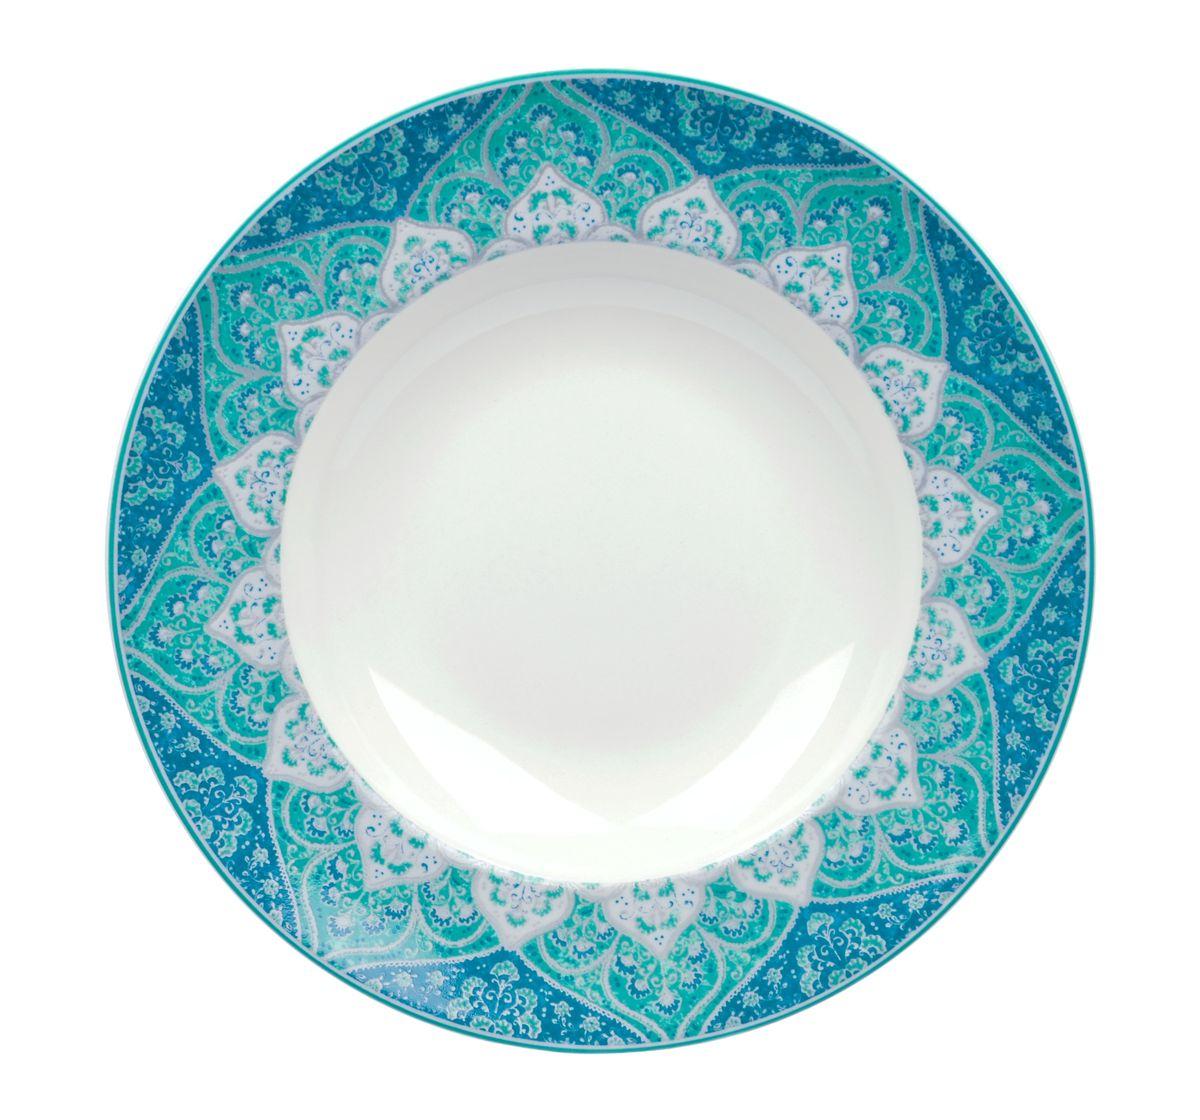 Тарелка глубокая Utana Кашан Блю, диаметр 24 смVT-1520(SR)Тарелка Utana Кашан Блю изготовлена из высококачественной керамики. Предназначена для подачи супа или салата. Изделие декорировано оригинальным орнаментом. Такая тарелка украсит сервировку стола и подчеркнет прекрасный вкус хозяйки.Можно мыть в посудомоечной машине и использовать в СВЧ. Диаметр: 24 см.Высота: 4,5 см.